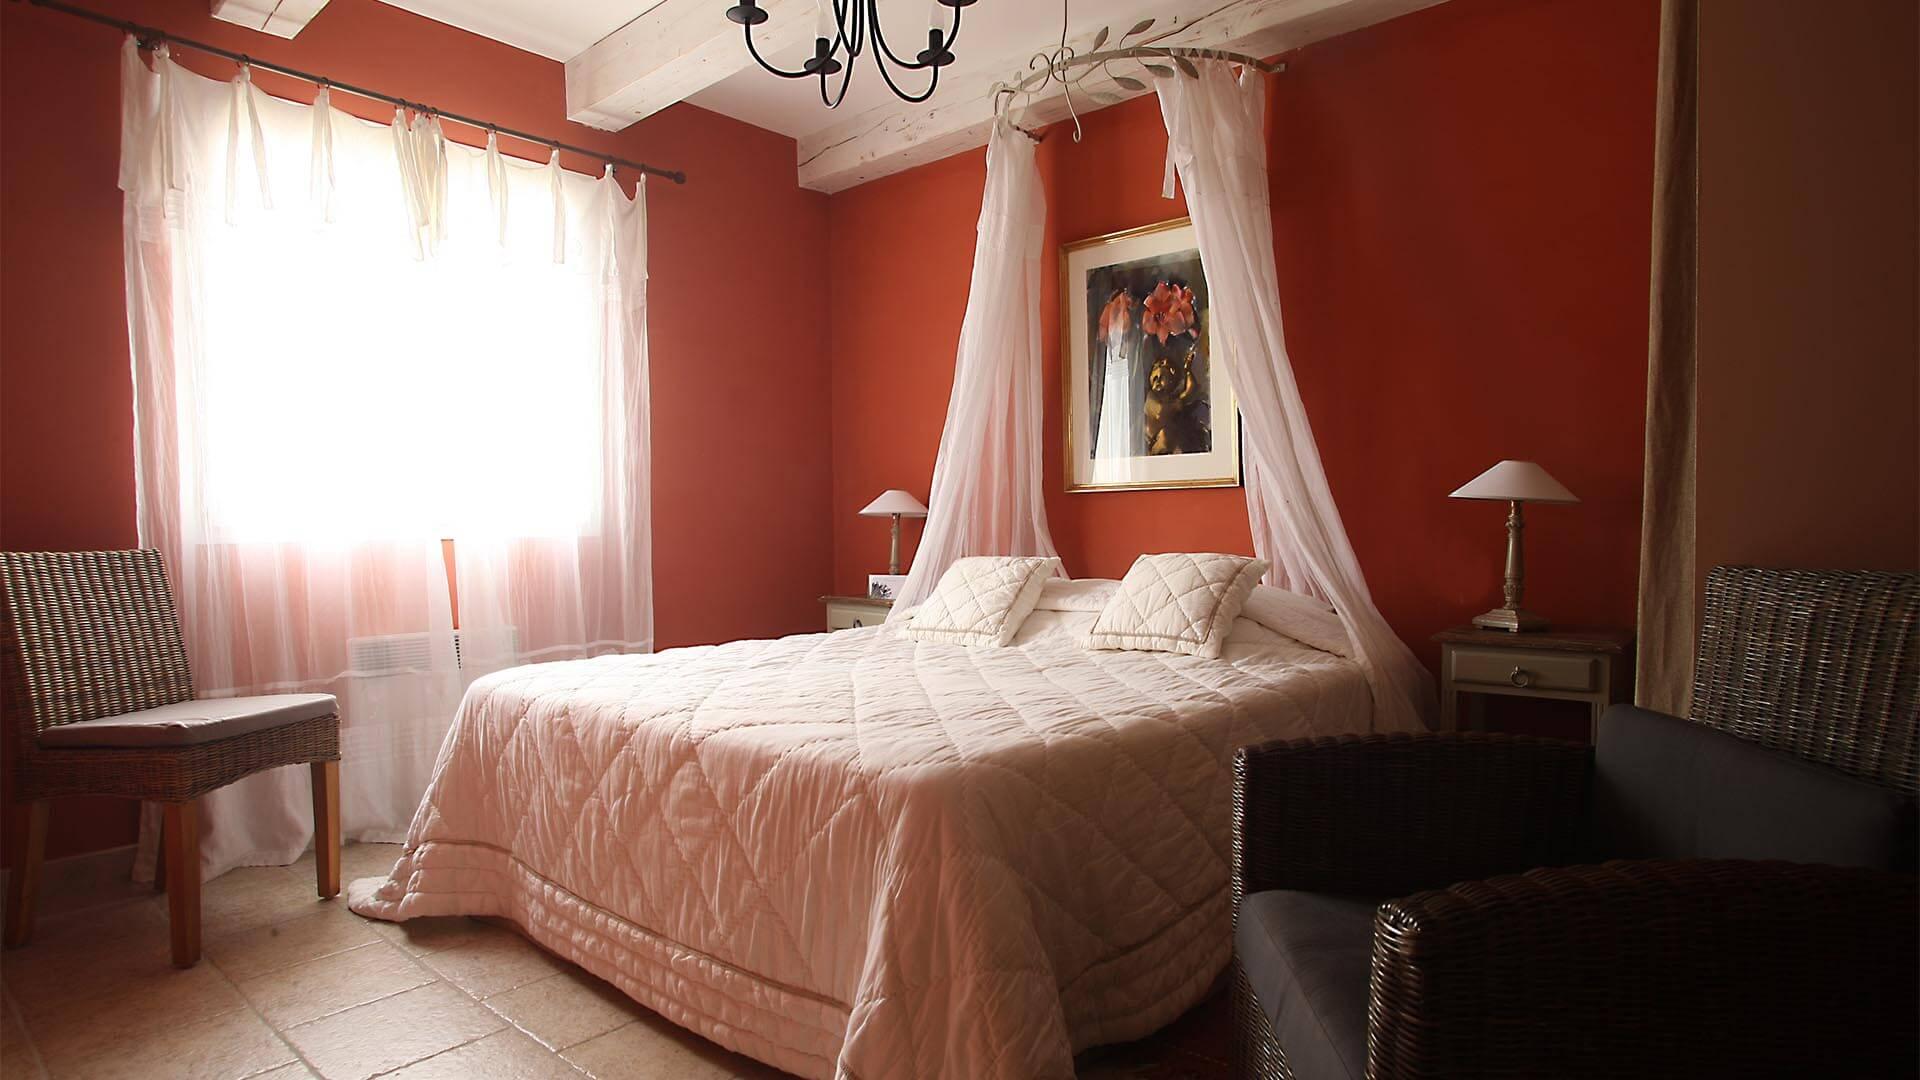 Louer maison de vacances Provence | Villa terre d'ocre | Chambre double de charme